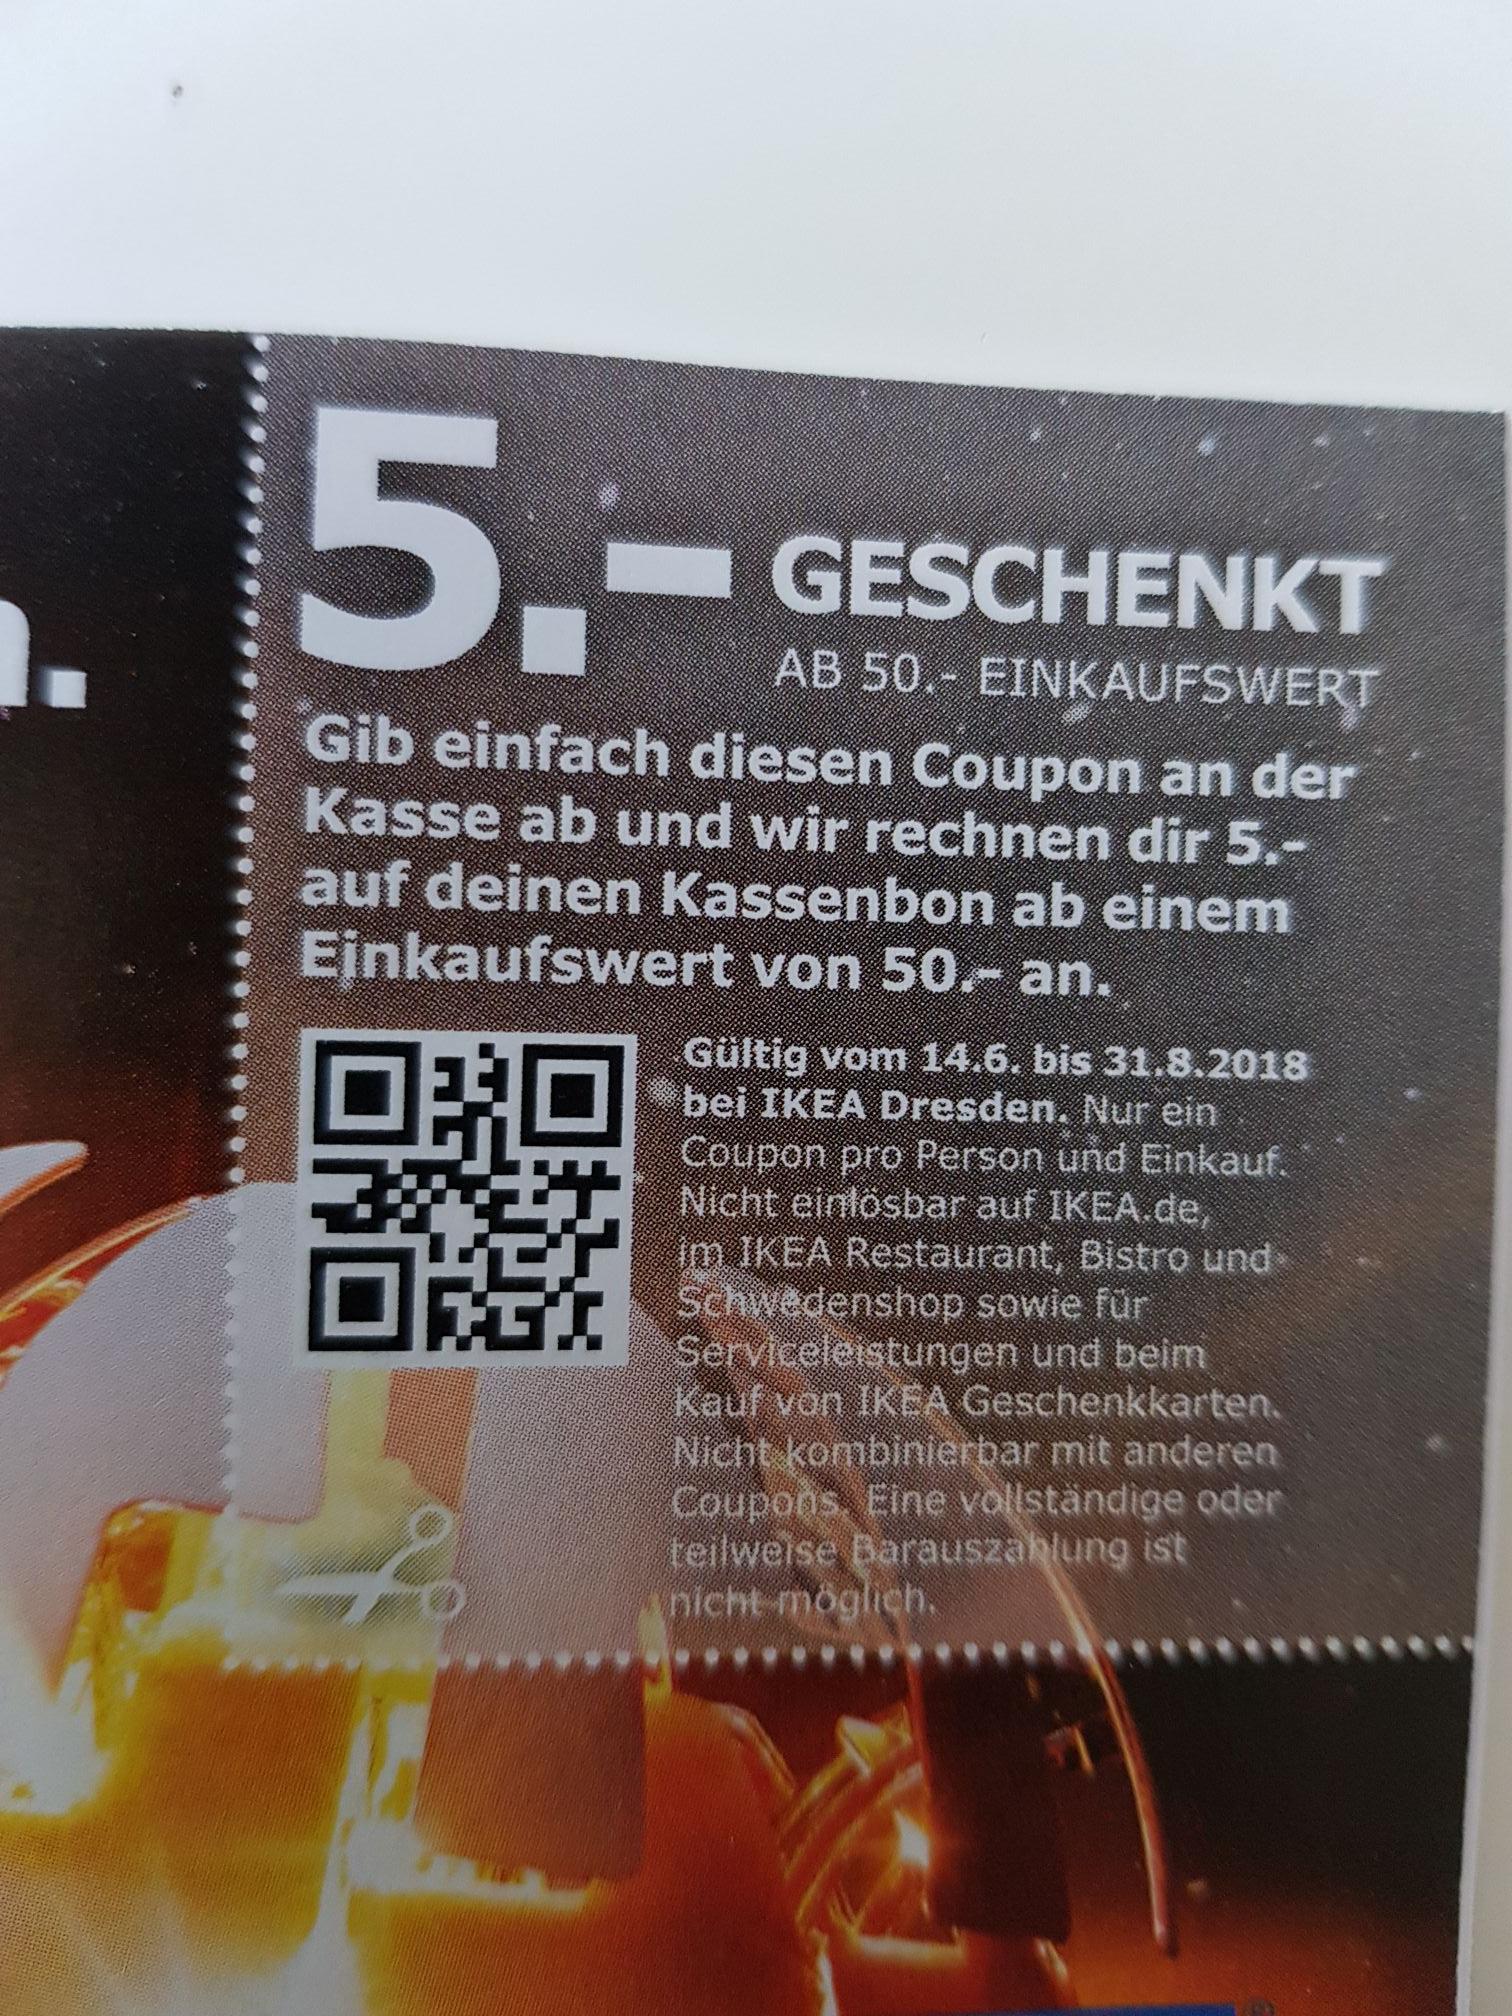 5€ Gutschein für IKEA Dresden